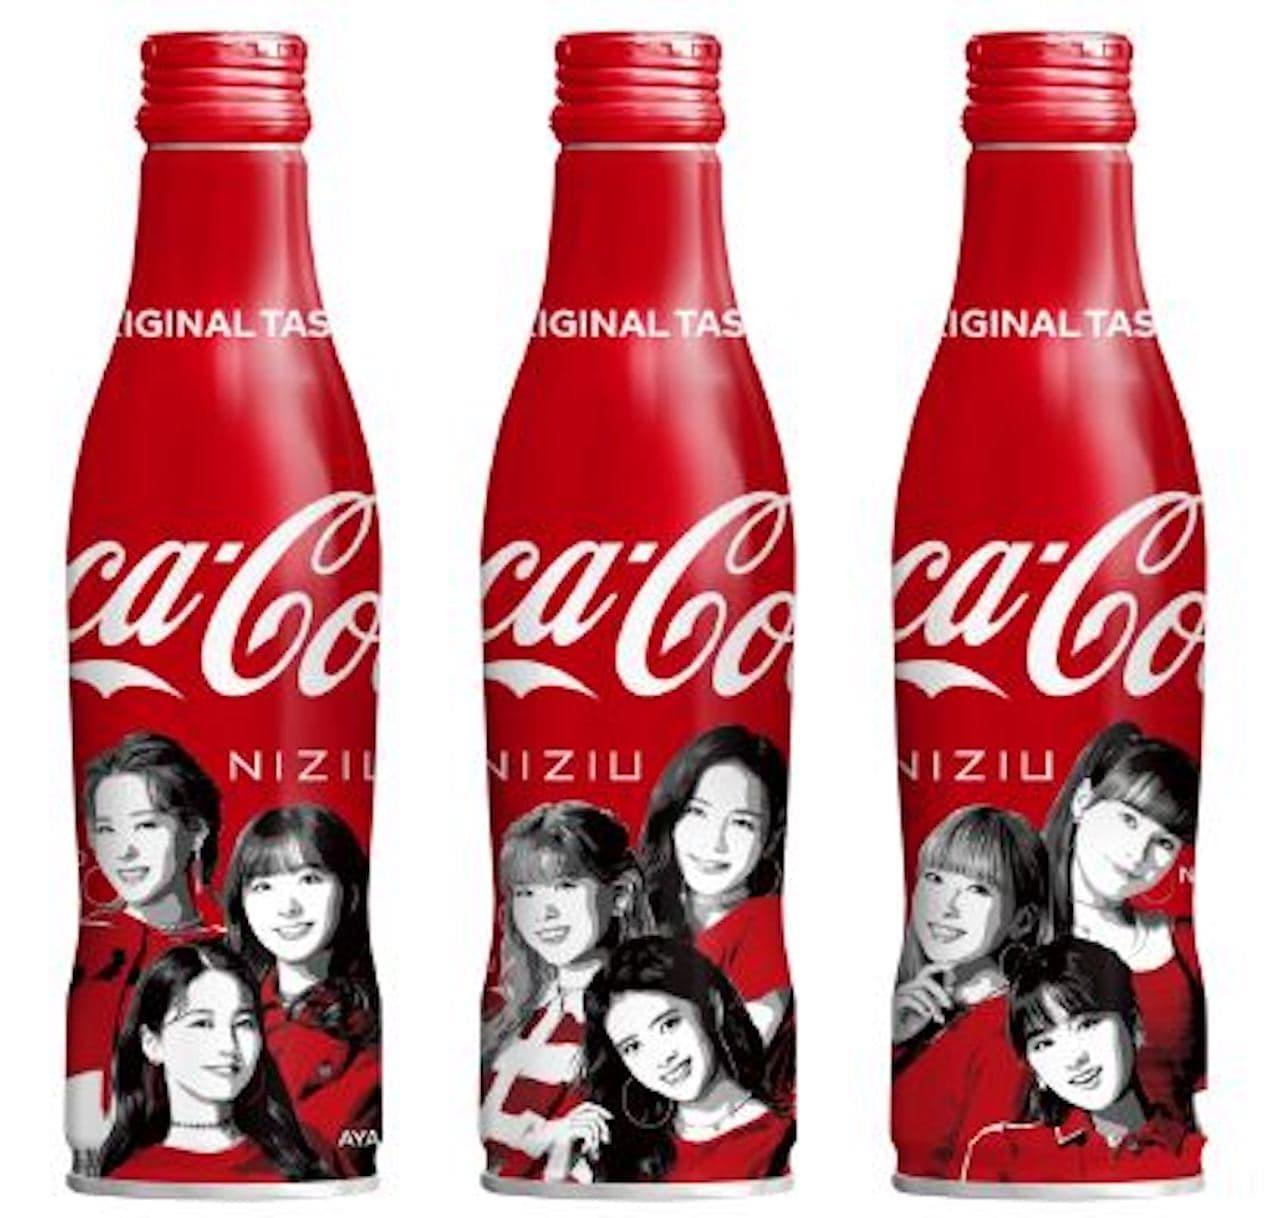 「コカ・コーラ スリムボトル NiziUデザイン」250mlの飲み切りサイズ